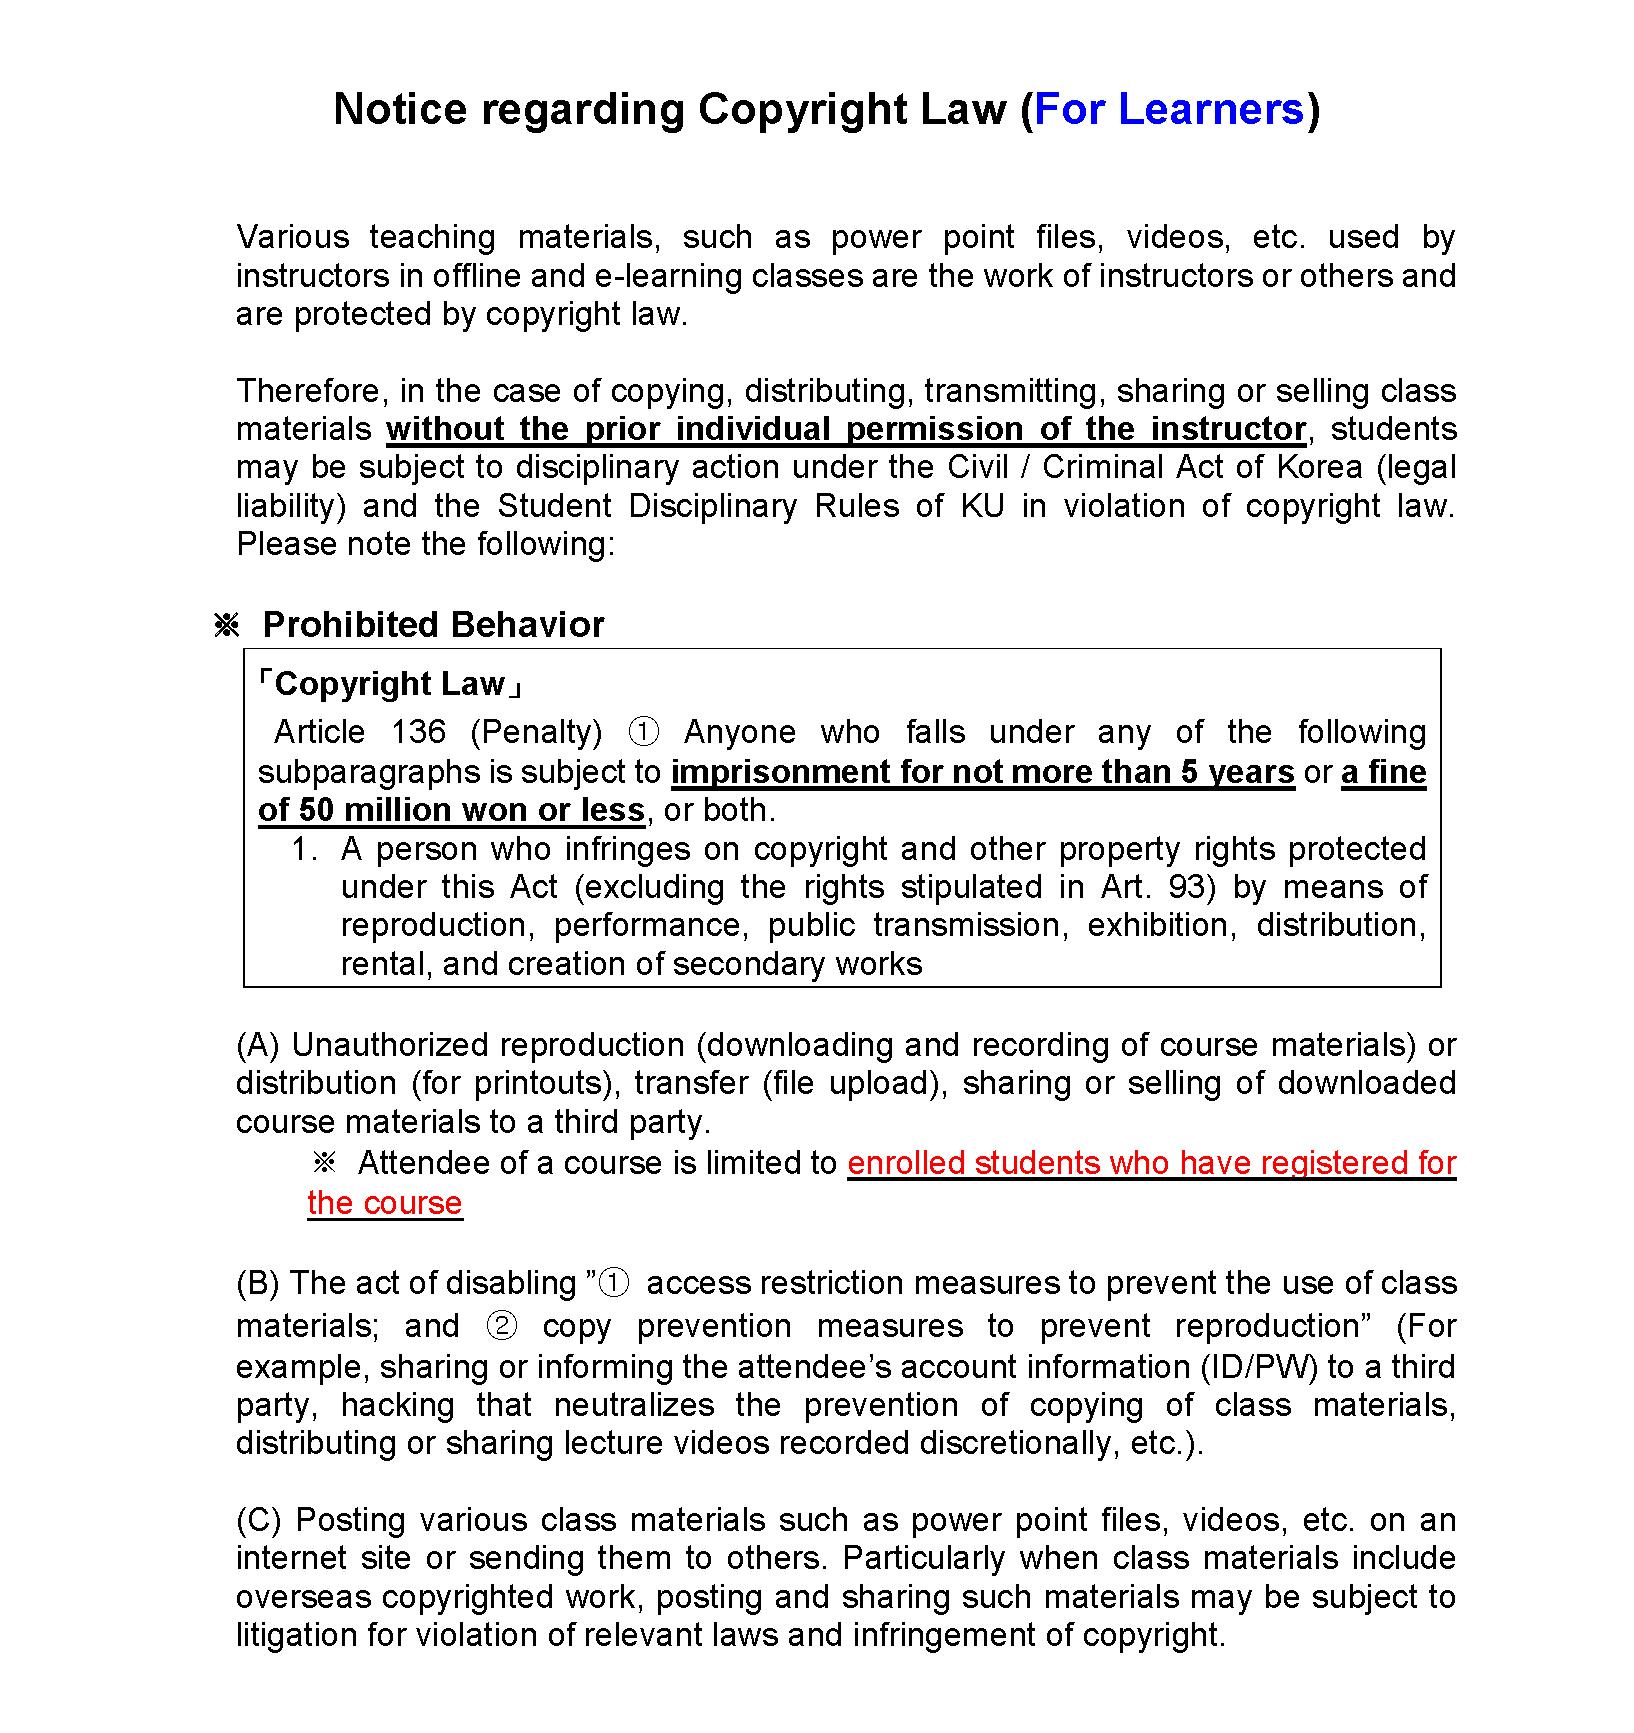 저작권법 관련 유의사항 안내(학습자용)_페이지_2.png